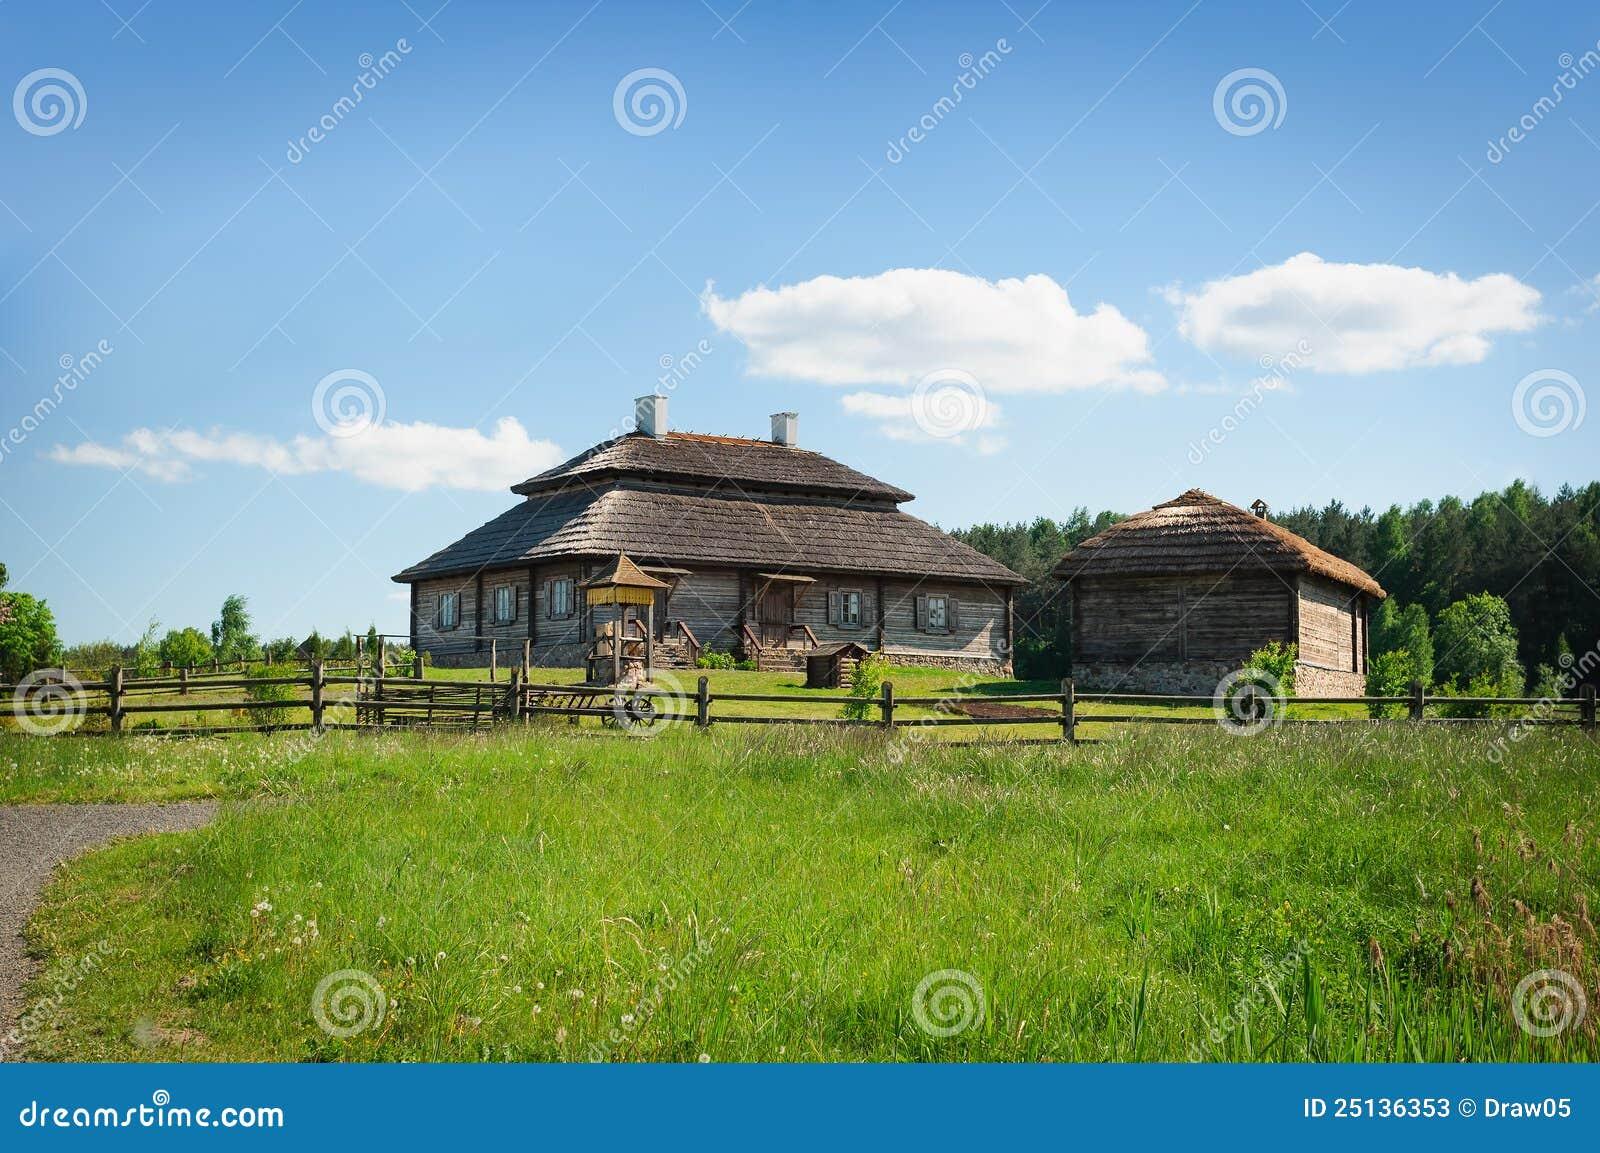 Met herstelde oude stijl russische boerderij met met stro bedekt dak